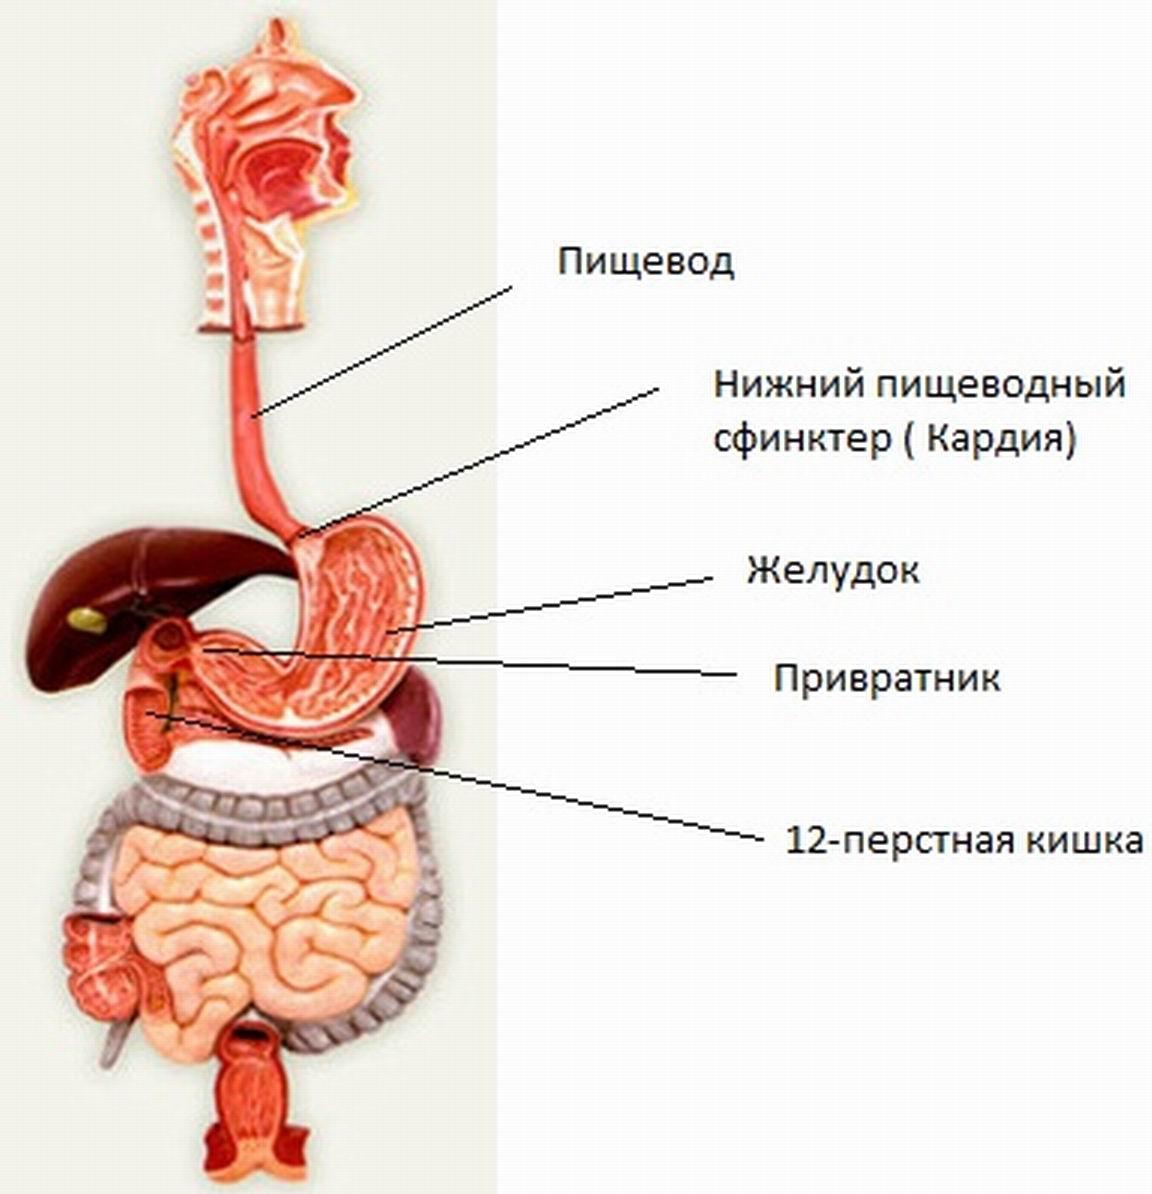 Изжога при беременности: признаки, причины и лечение. Эффективные средства от изжоги.. Народные средства от изжоги в период бере